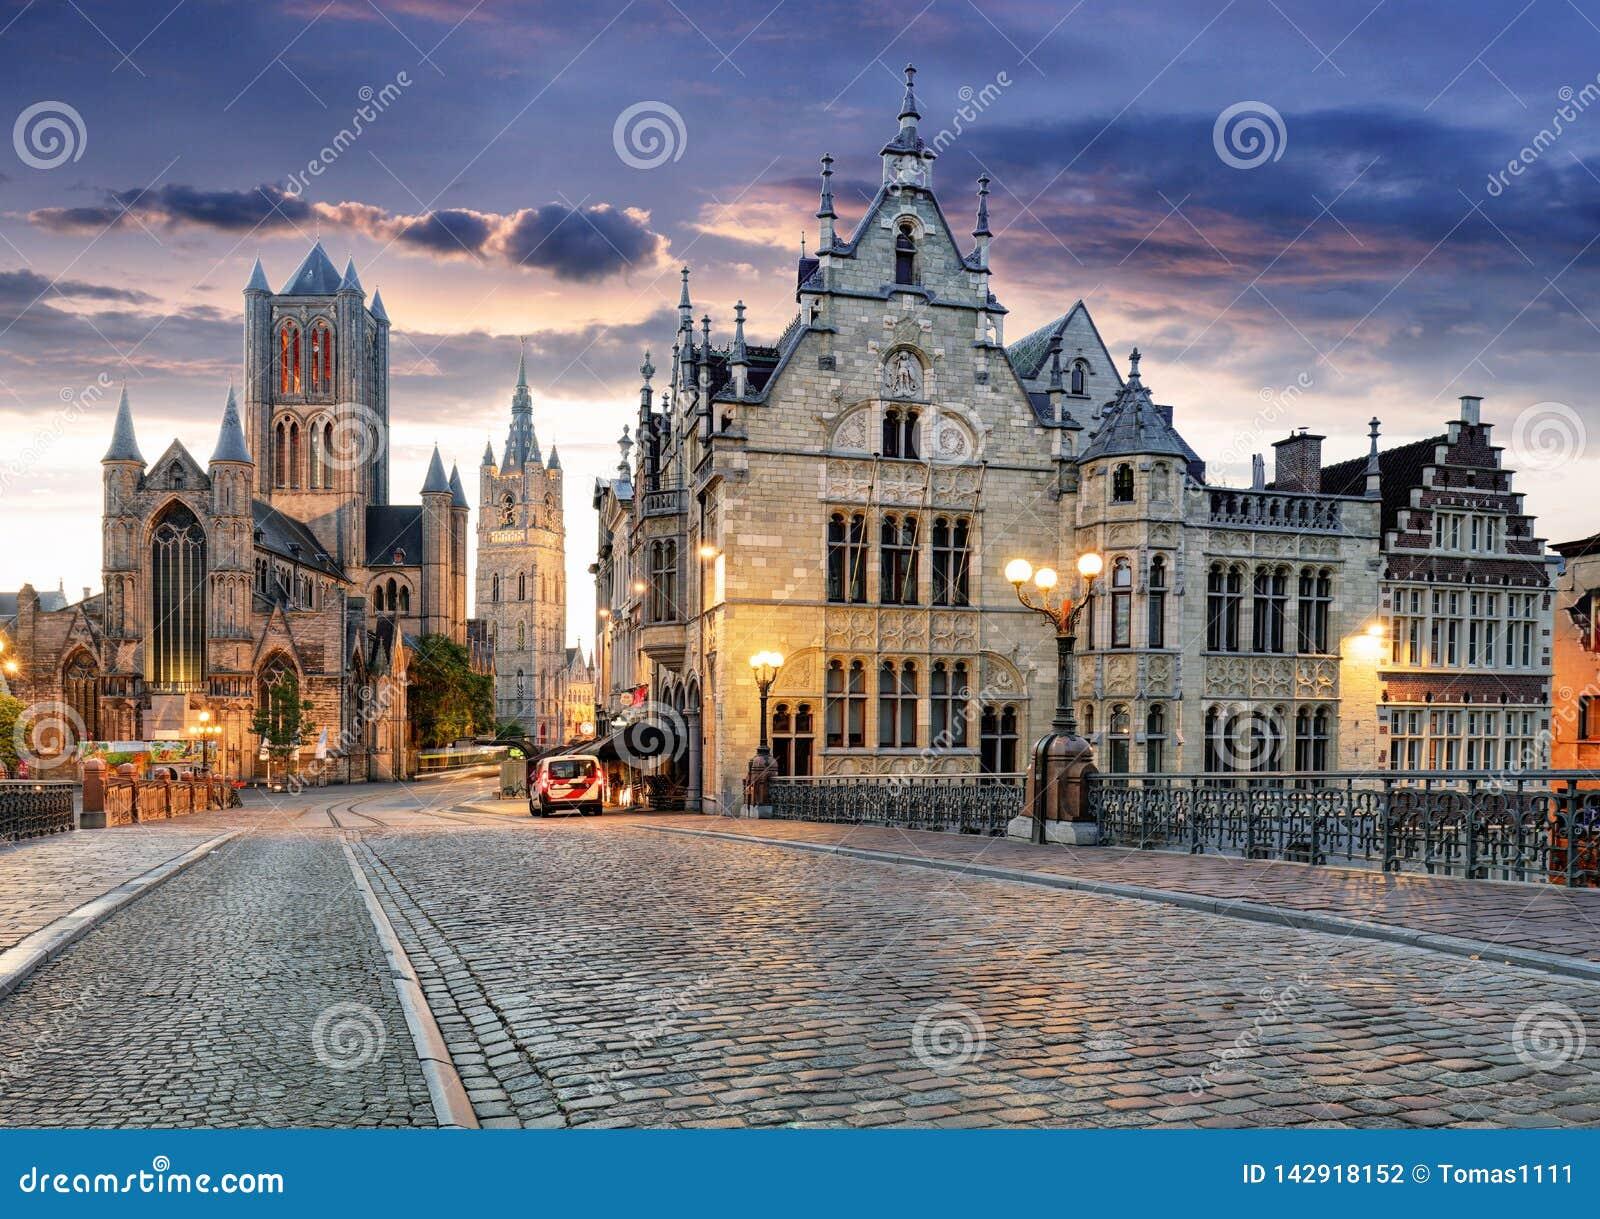 De mijnheer, België met Heilige Nicholas Church en de toren van Belfort bij schemering verlichtten ogenblik in Vlaanderen